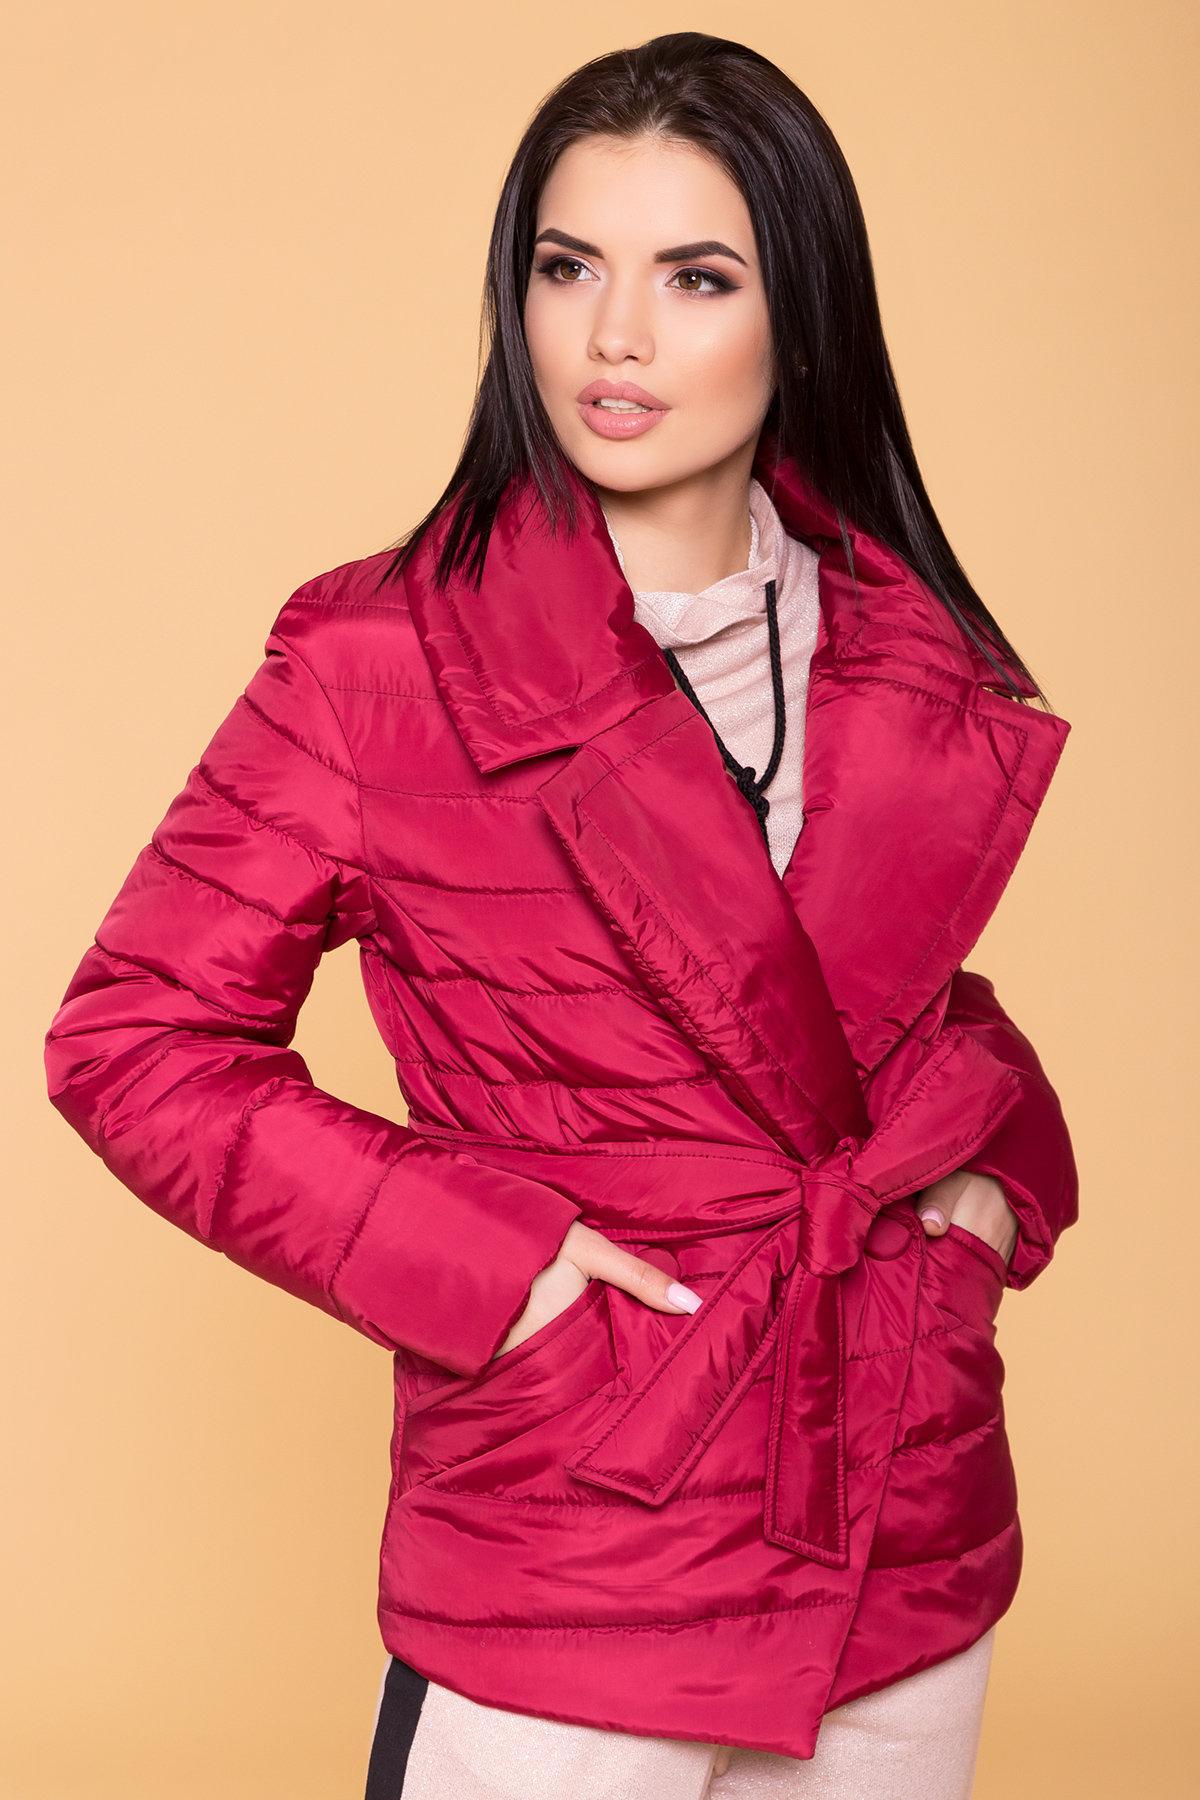 Куртка с отложным воротником Мириам 6414 АРТ. 41383 Цвет: Марсала - фото 5, интернет магазин tm-modus.ru